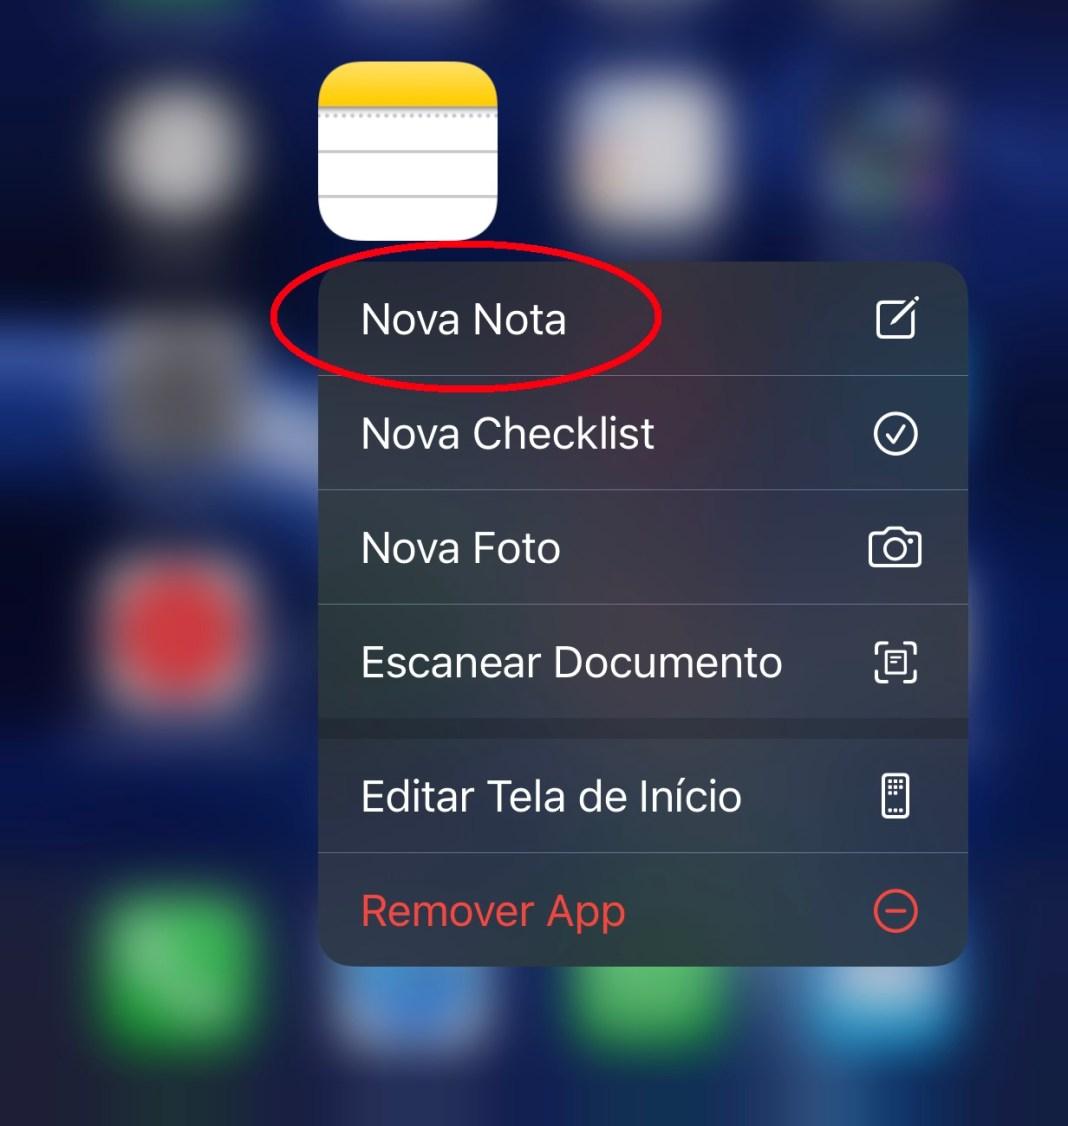 """Pressione o aplicativo Notas e vá na opção """"Nova Nota"""" para criar uma nova anotação"""